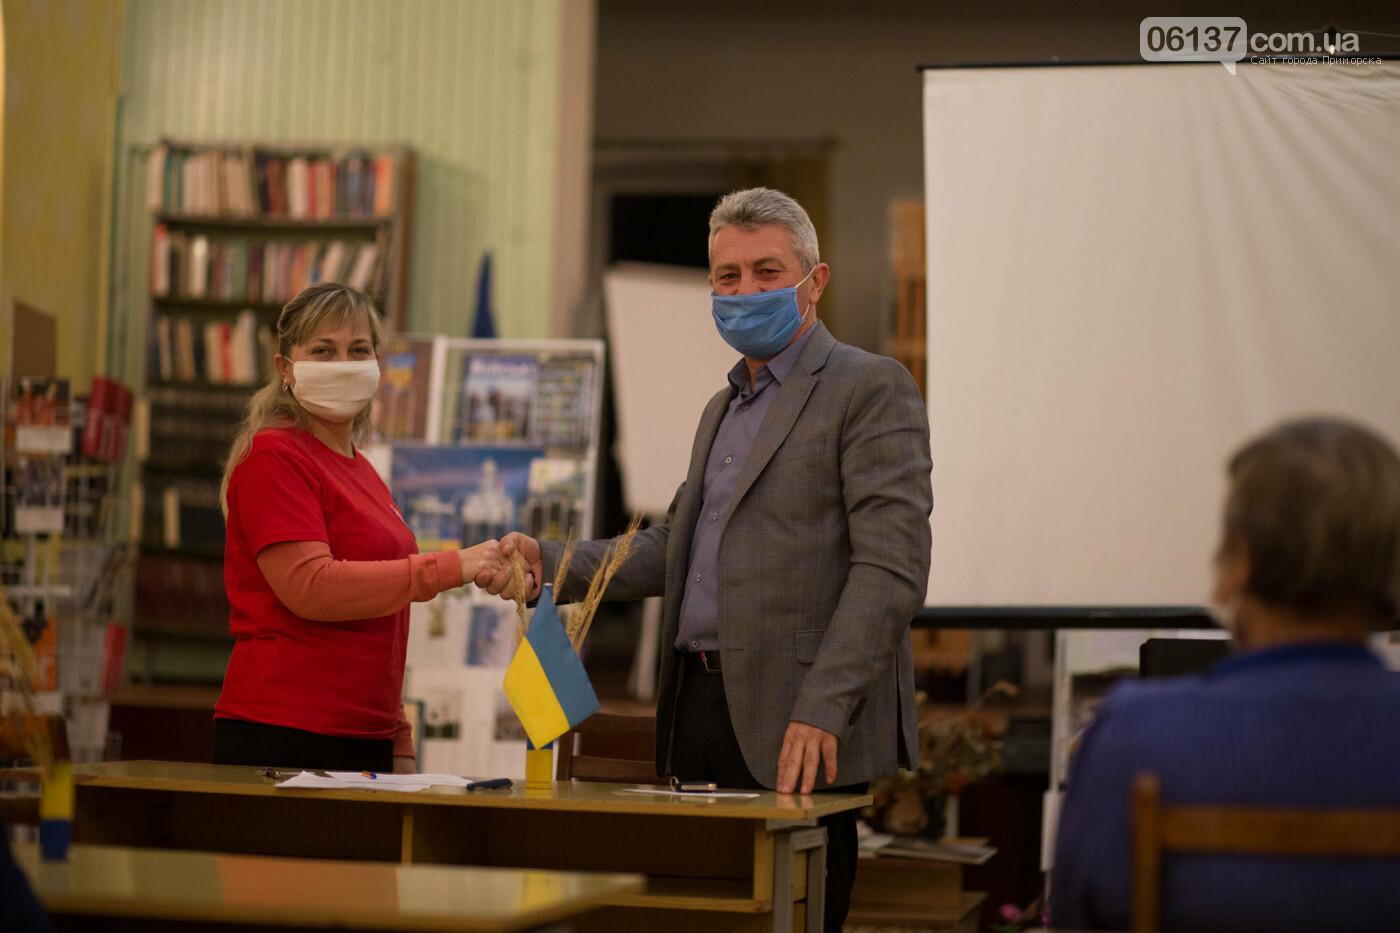 В Приморську  пройшли установчі збори Приморської первинної організації Товариства Червоного Хреста України, фото-1